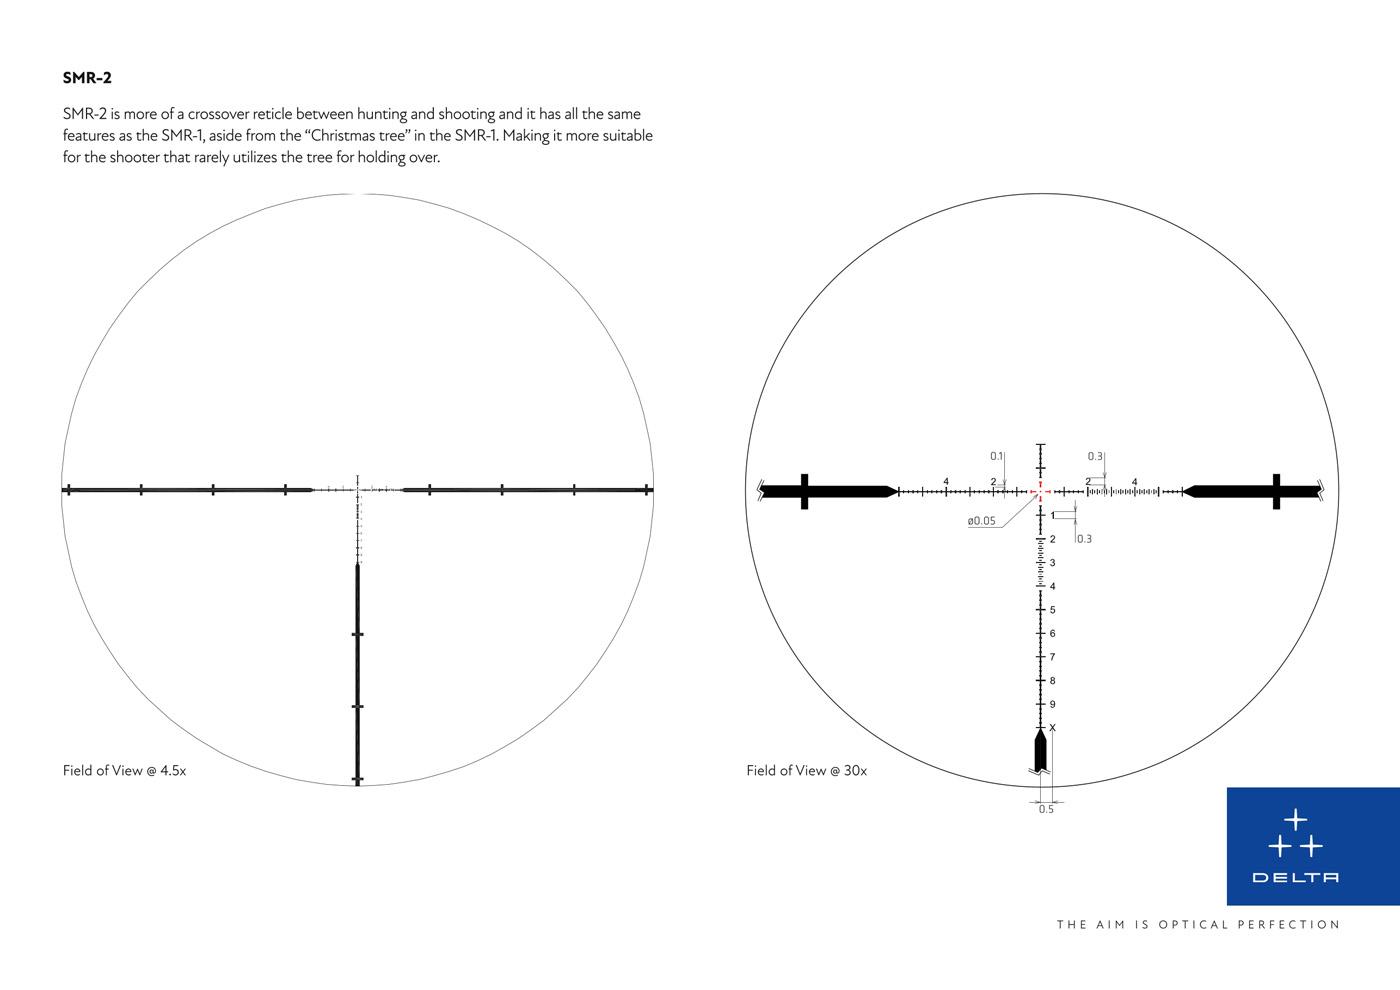 DELTA-Javelin-4-5-30x56-SMR-1-SMR-2-FFP-datasheet-4